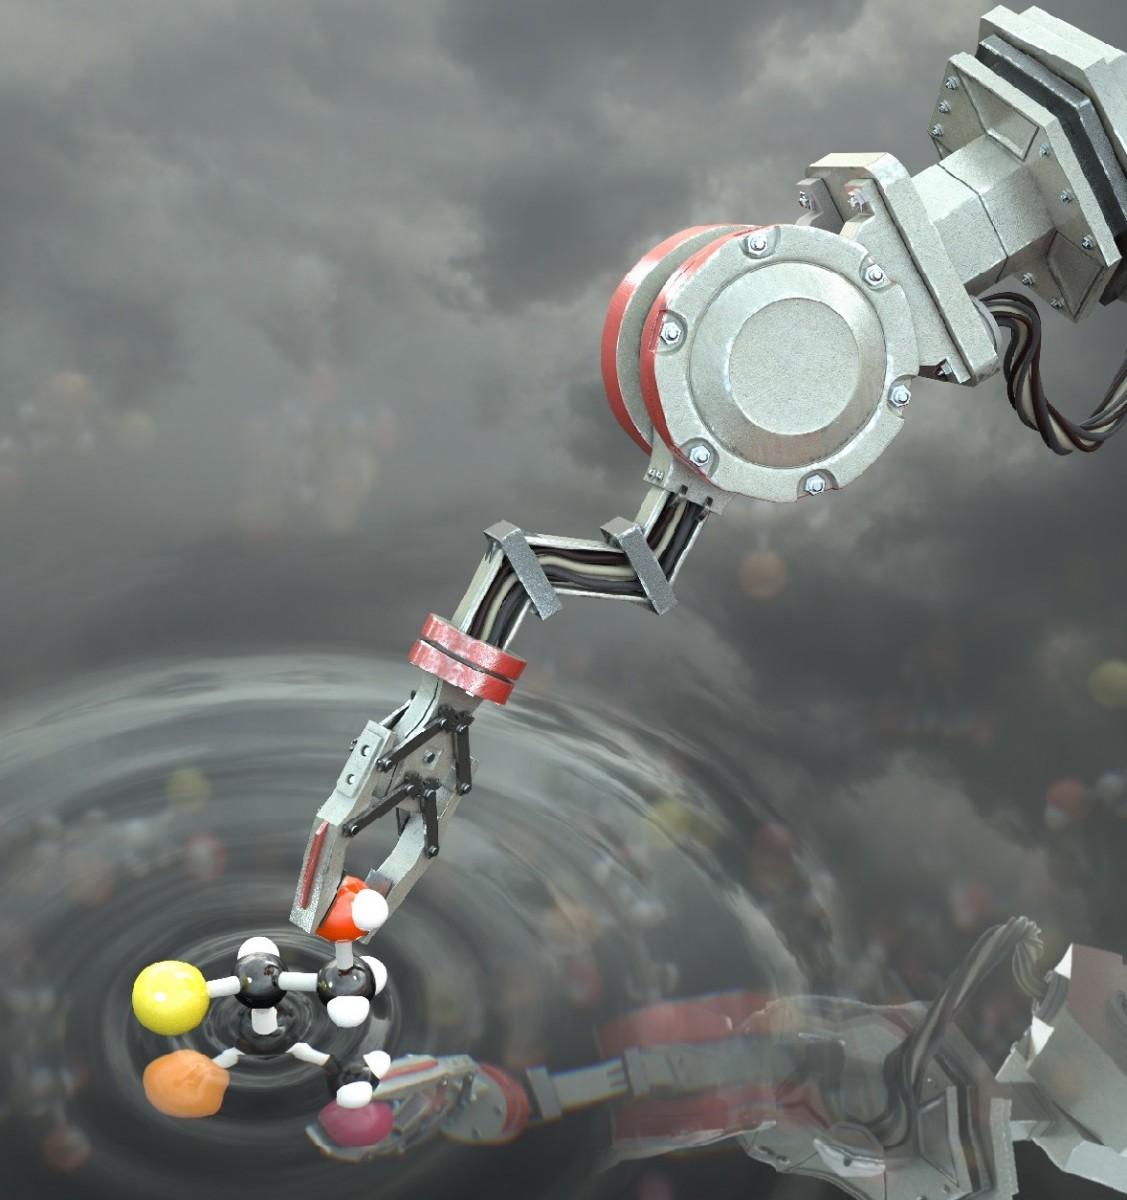 1920 molecularrobot resize2 - 【ナノテクノロジー】世界初、分子を組み立てられる「分子ロボット」開発に成功/英マンチェスター大学